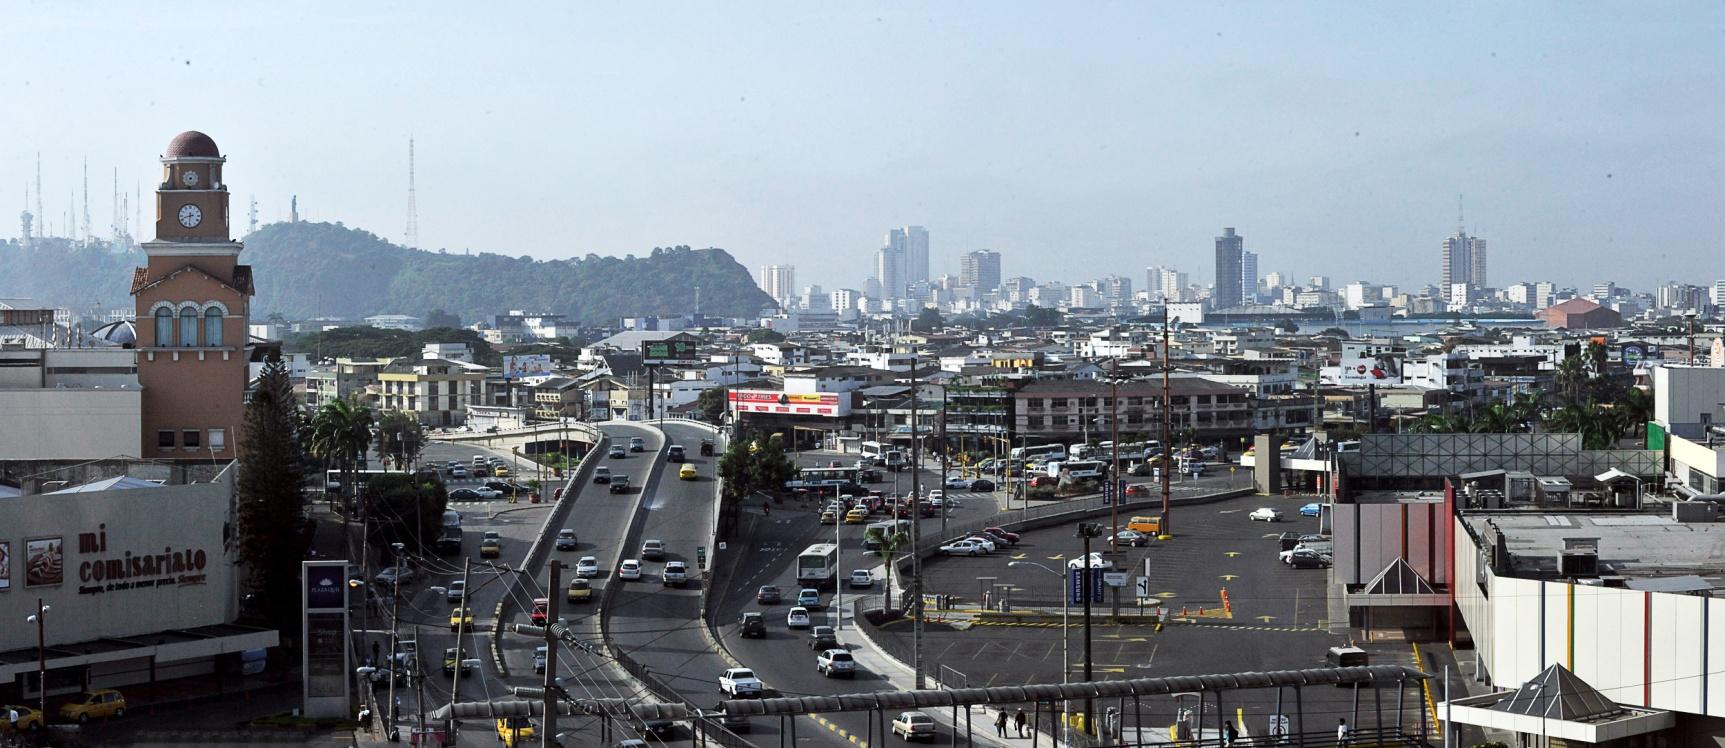 En Alquiler Locales Comerciales Al Norte De Guayaquil